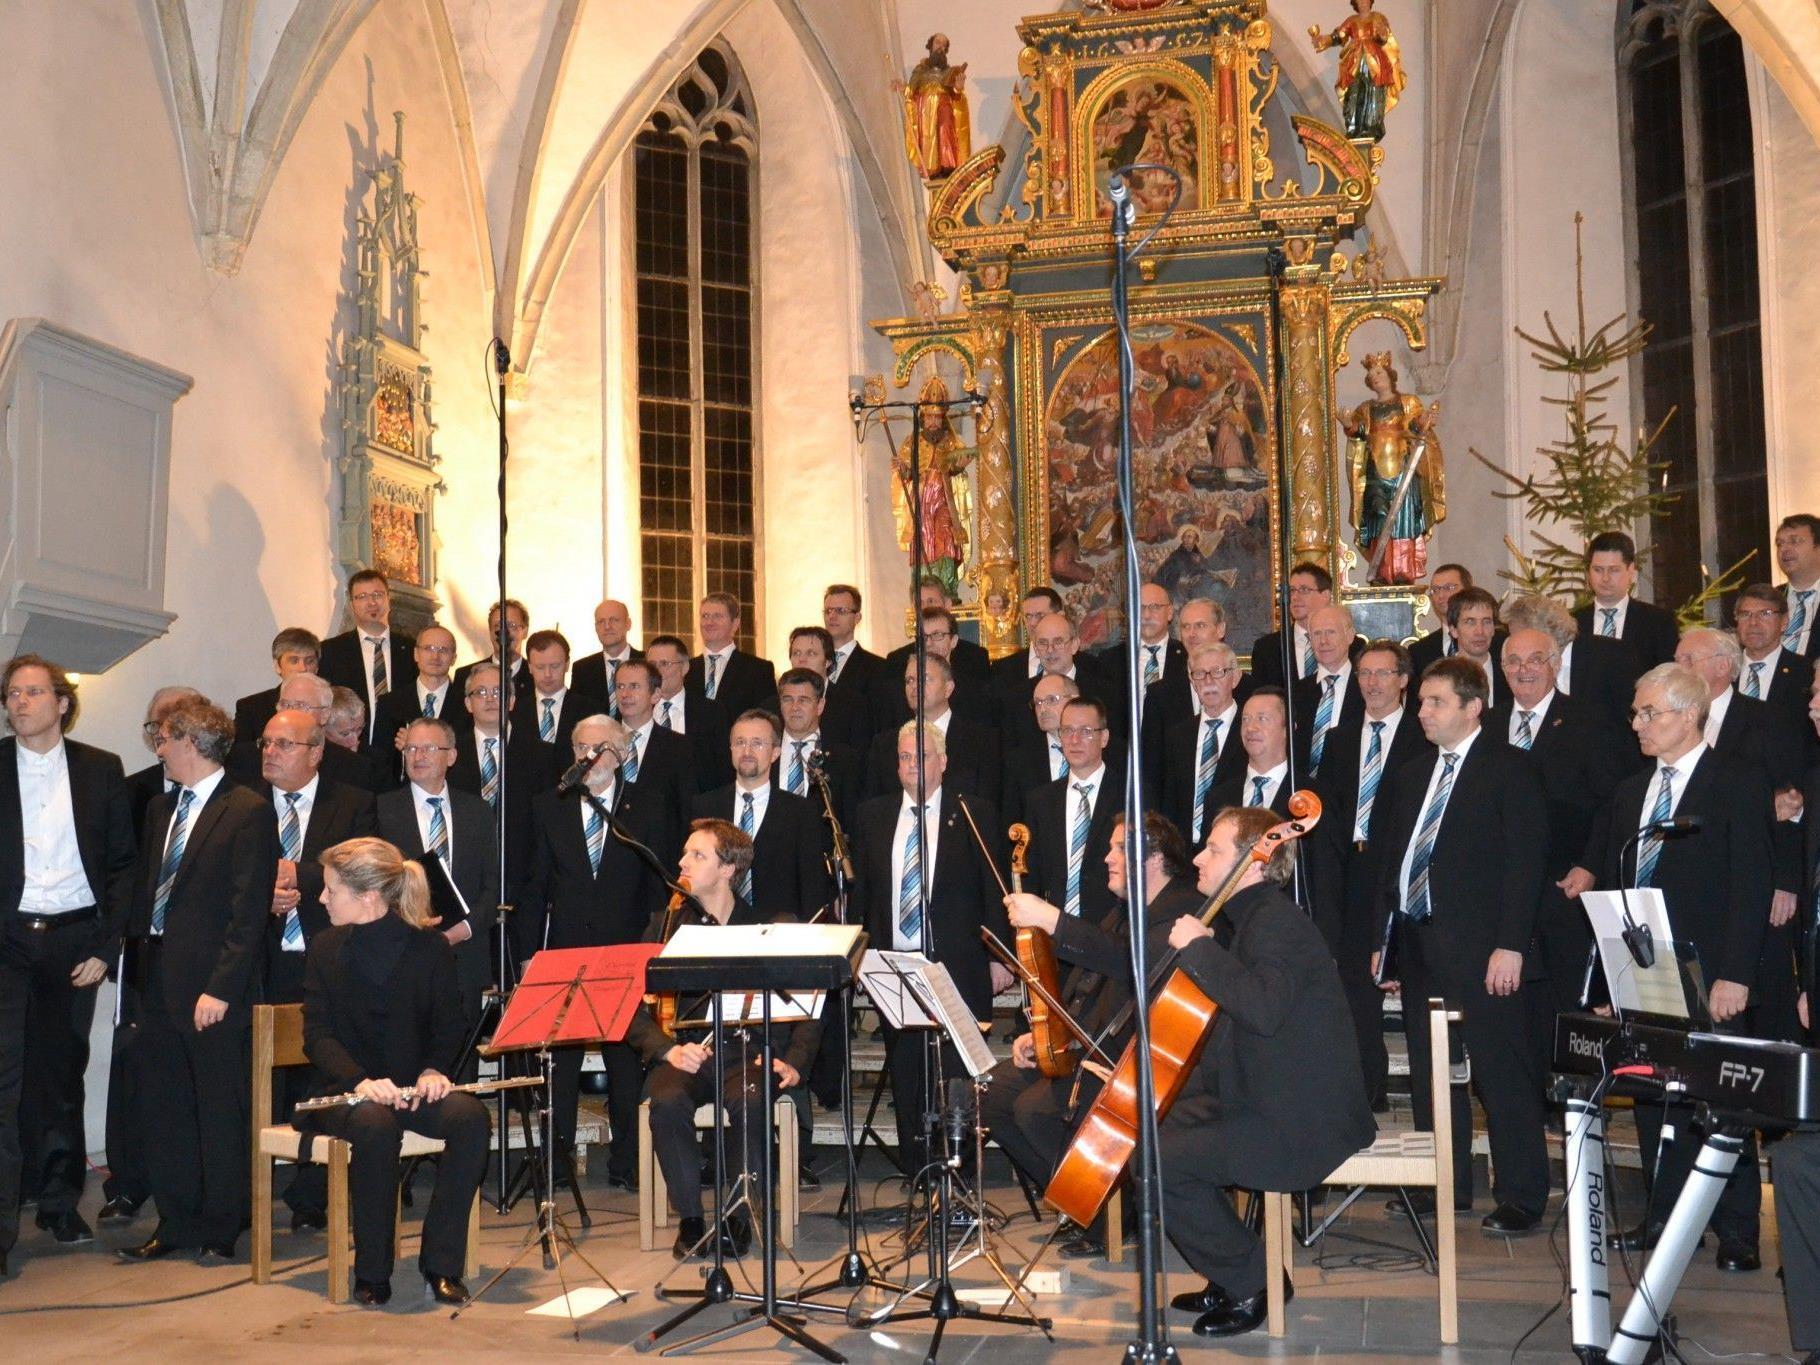 Die Alte Kirche bot dem Männerchor Götzis sowohl akustisch als auch optisch den idealen Rahmen für das stimmungsvolle Weihnachtskonzert